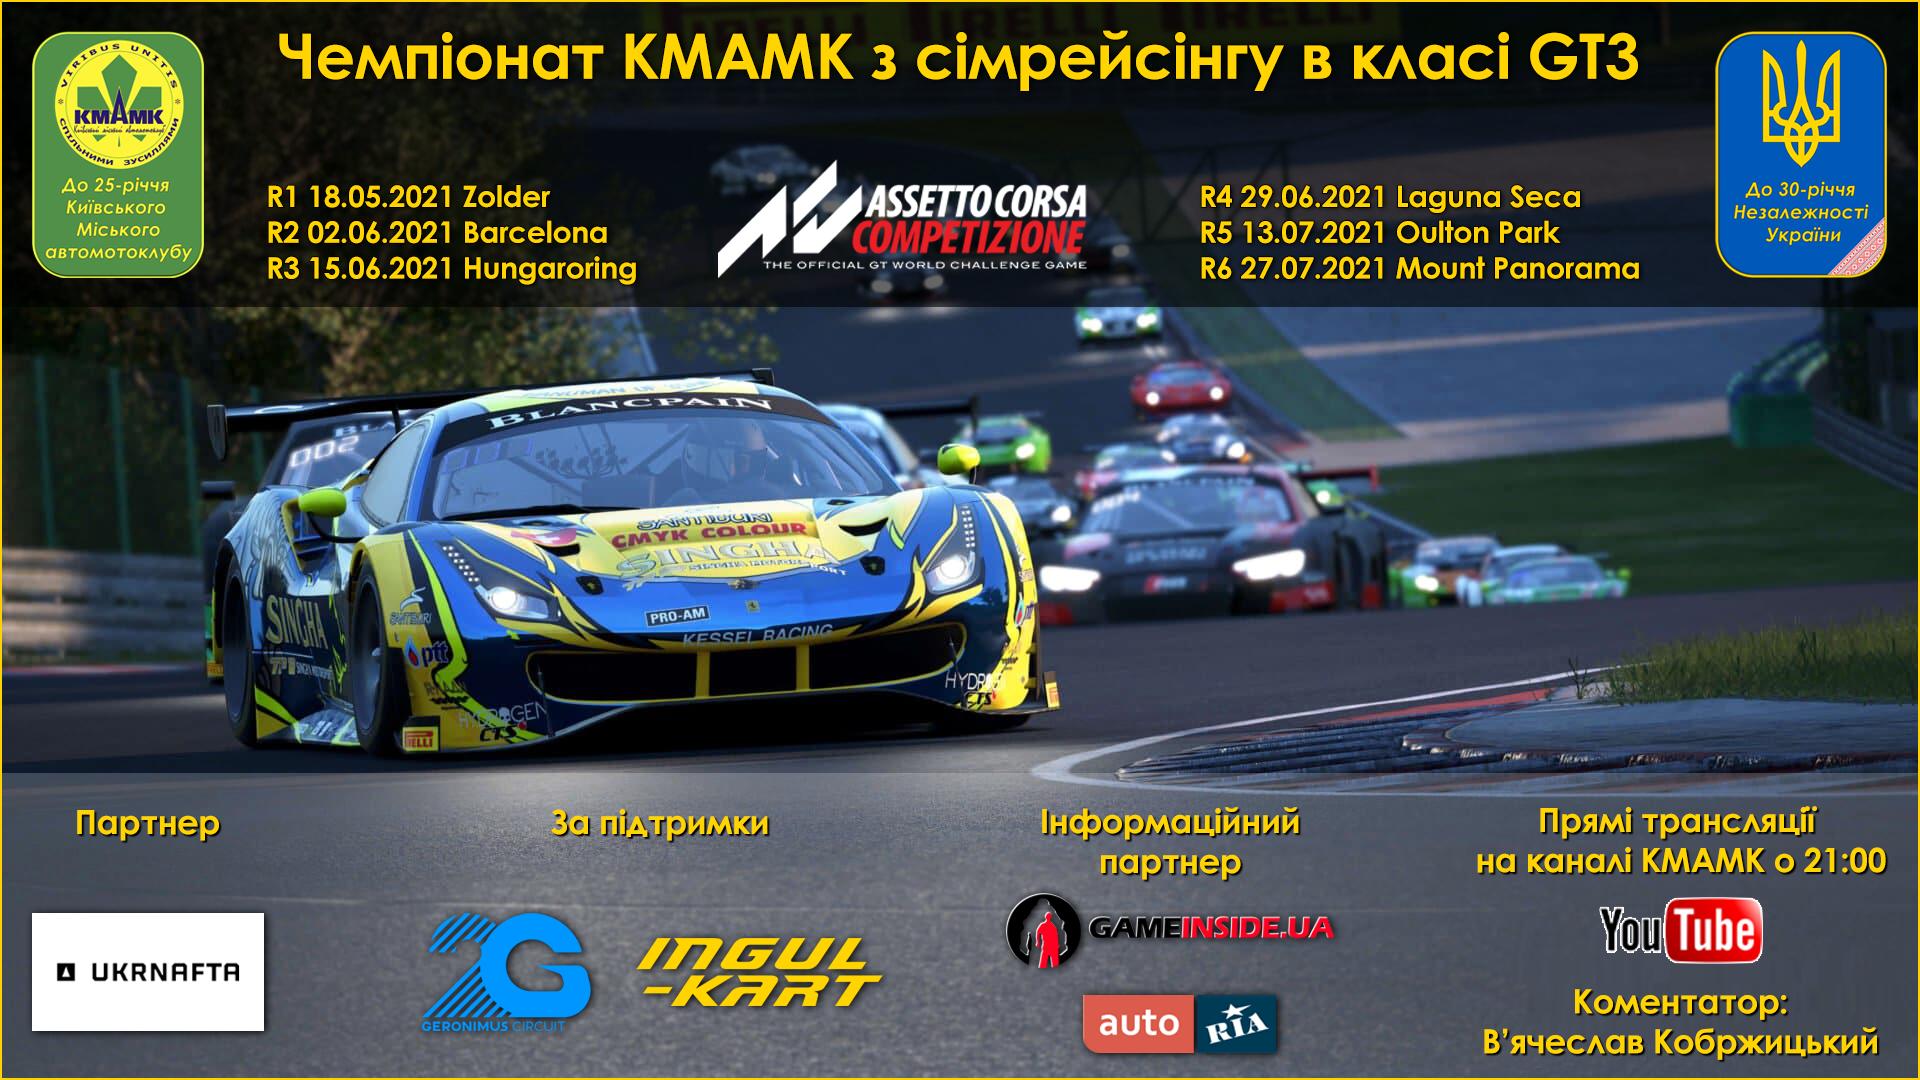 Новий Чемпіонат КМАМК в класі автомобілів GT3!